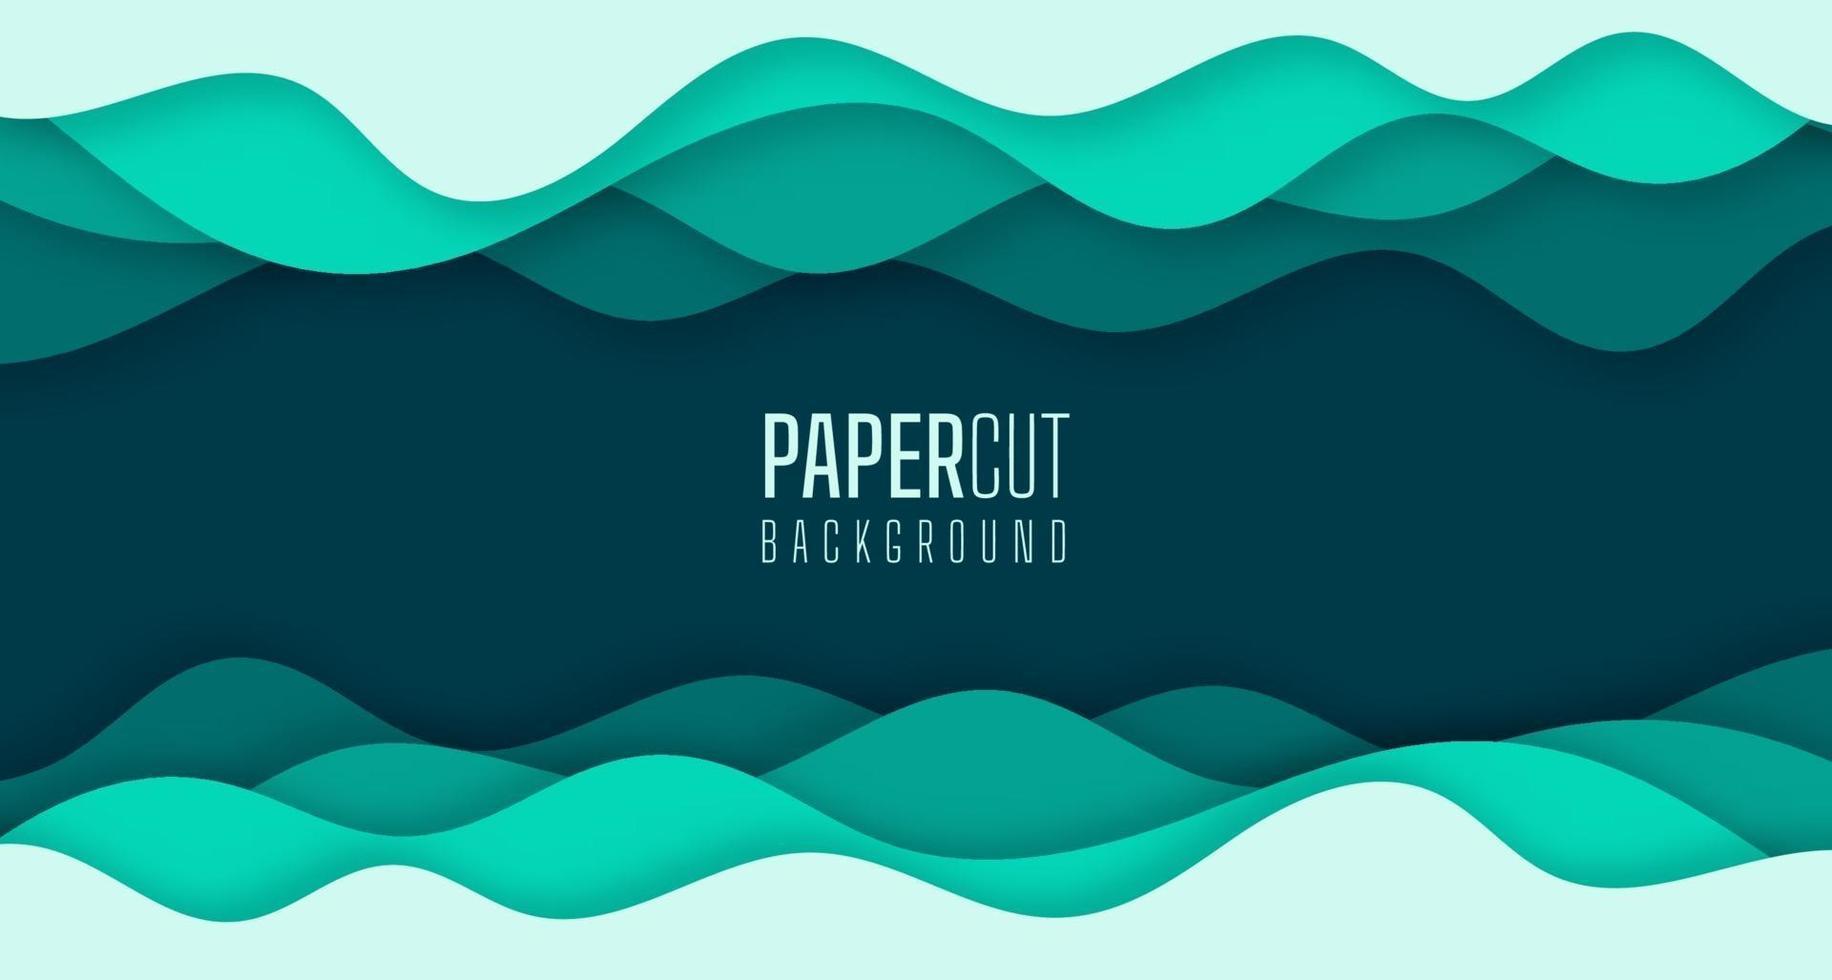 3d abstrait simple de vagues d'eau de mer verte papier moderne coupé design graphique vecteur